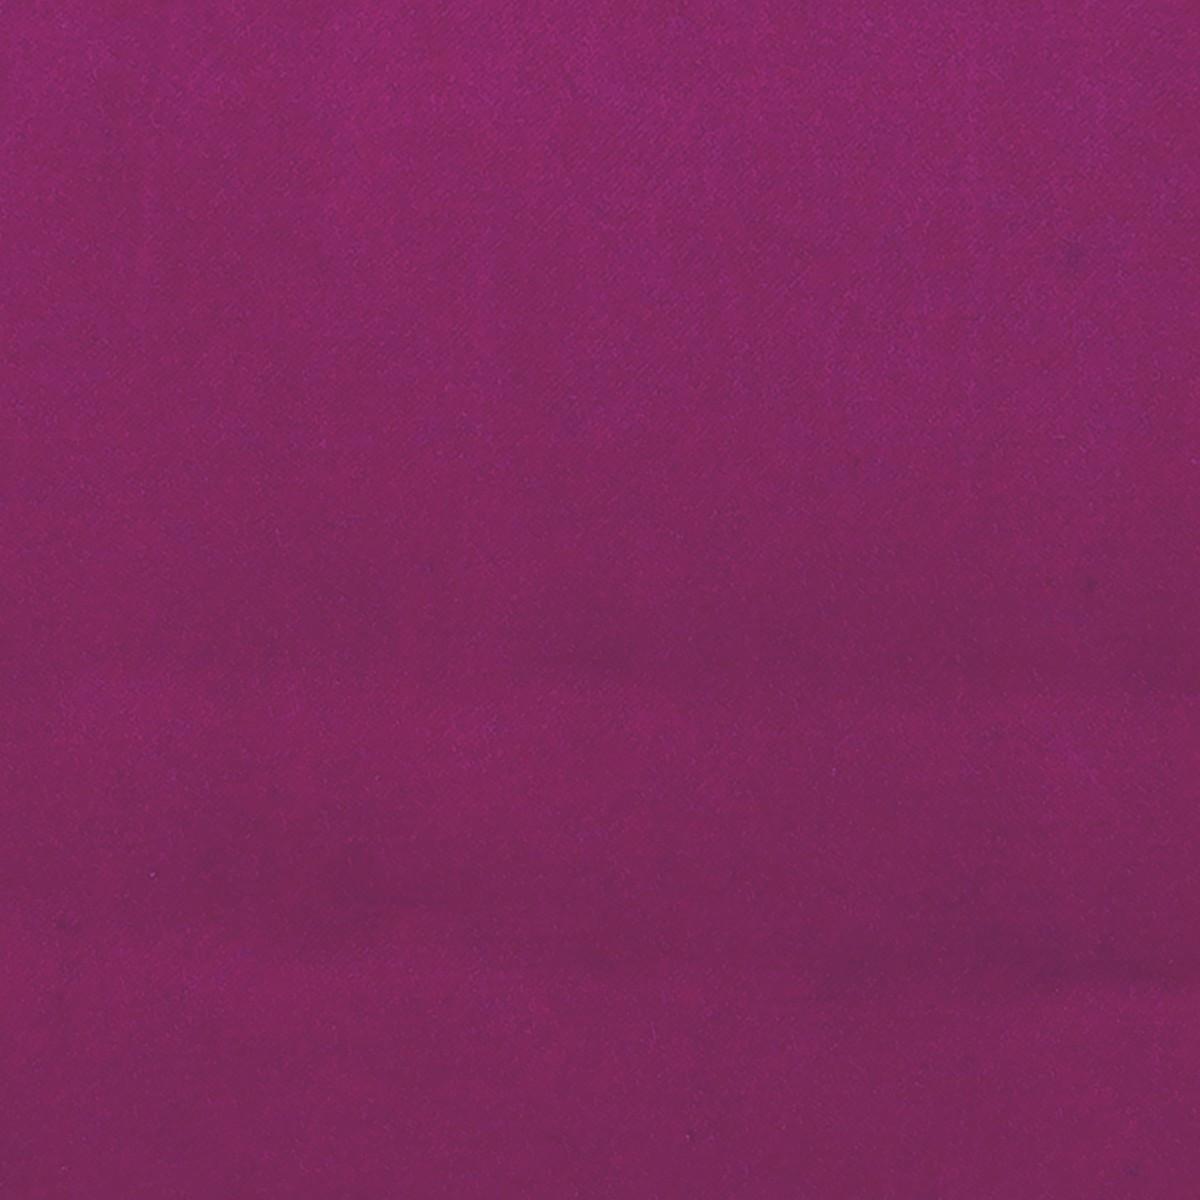 Rose Fuchsia Couleur Id Es De Design D 39 Int Rieur